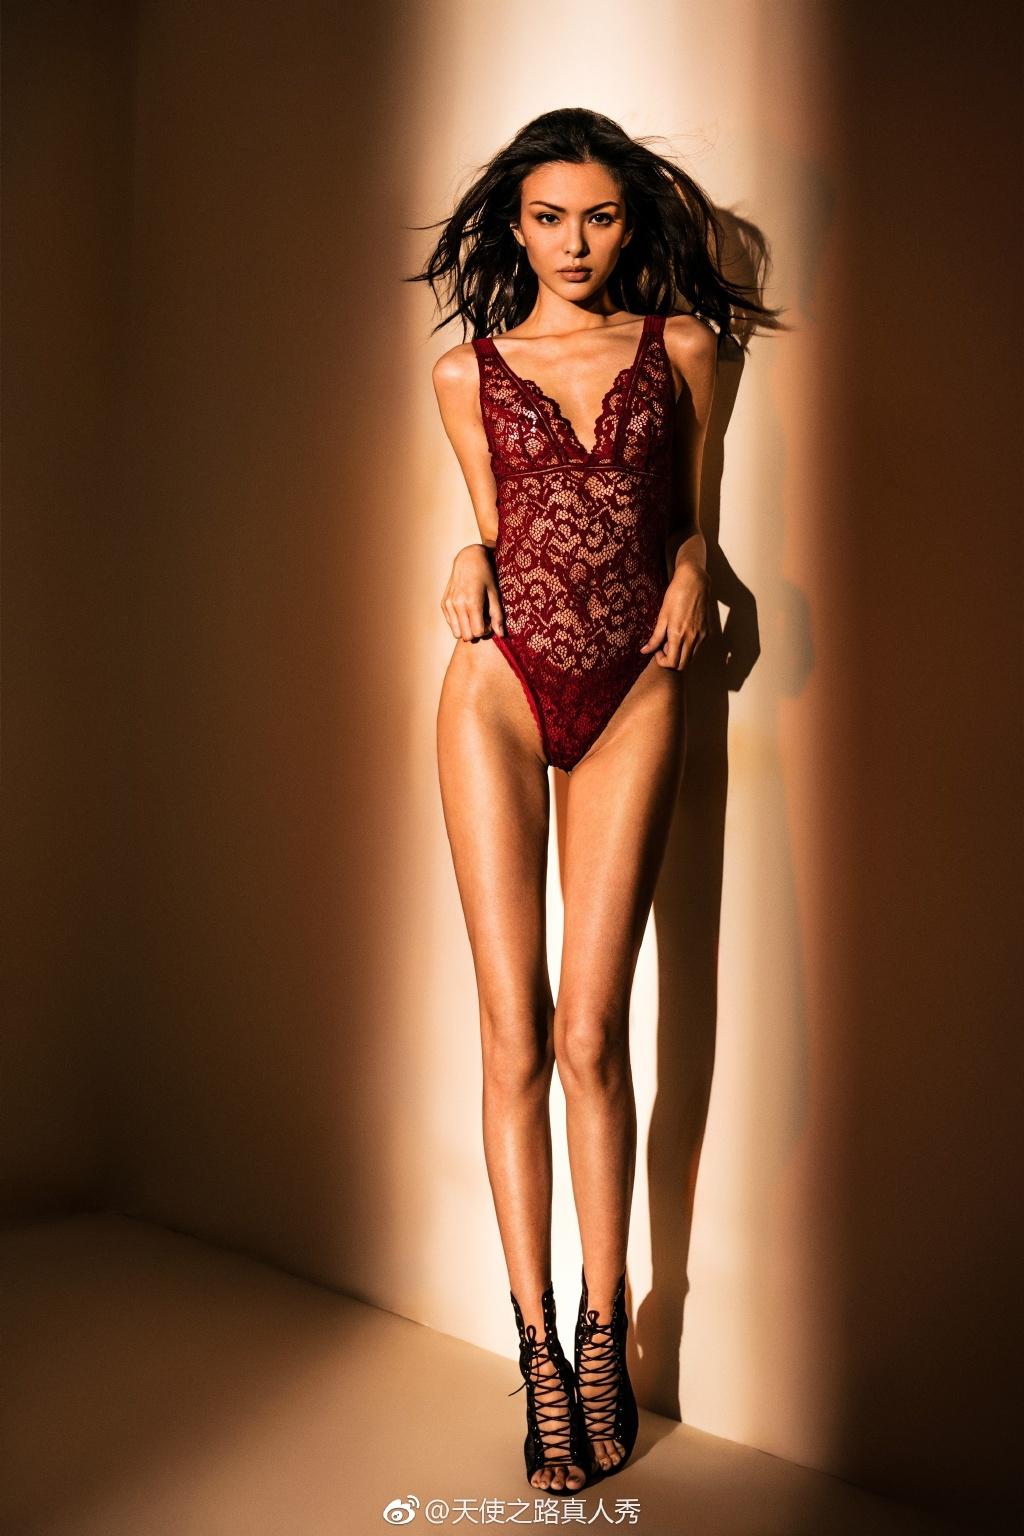 Dàn thí sinh show tuyển mẫu cho Victorias Secret: Xinh và nuột thôi rồi! - Ảnh 3.